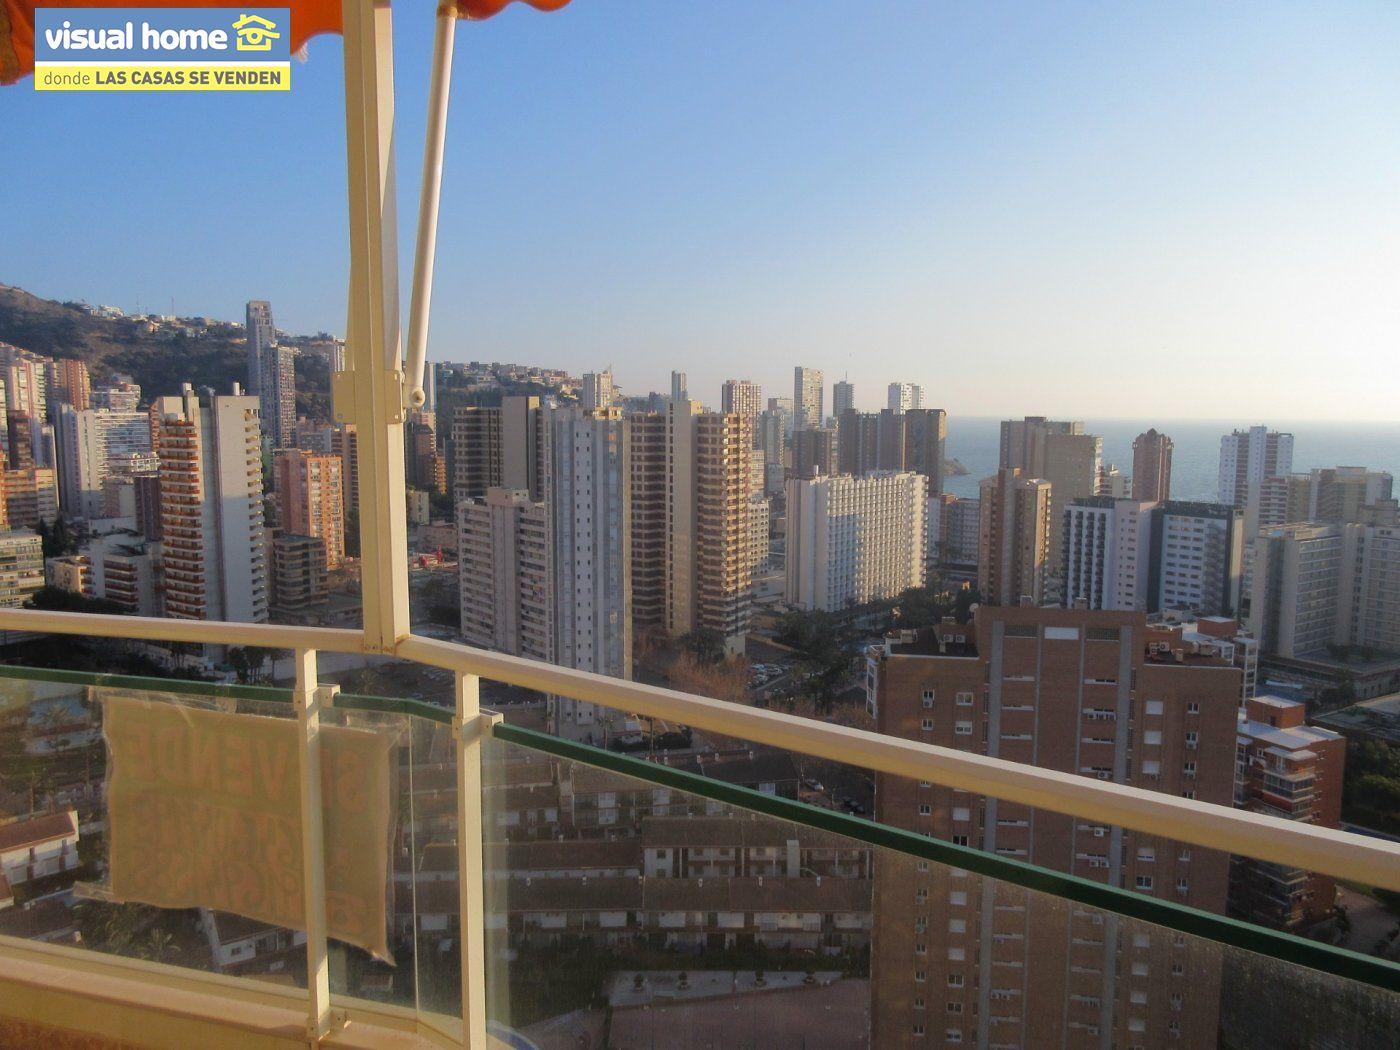 Apartamento 1 dormitorio con vistas espectaculares con parking y piscina en Rincón de Loix llano 16